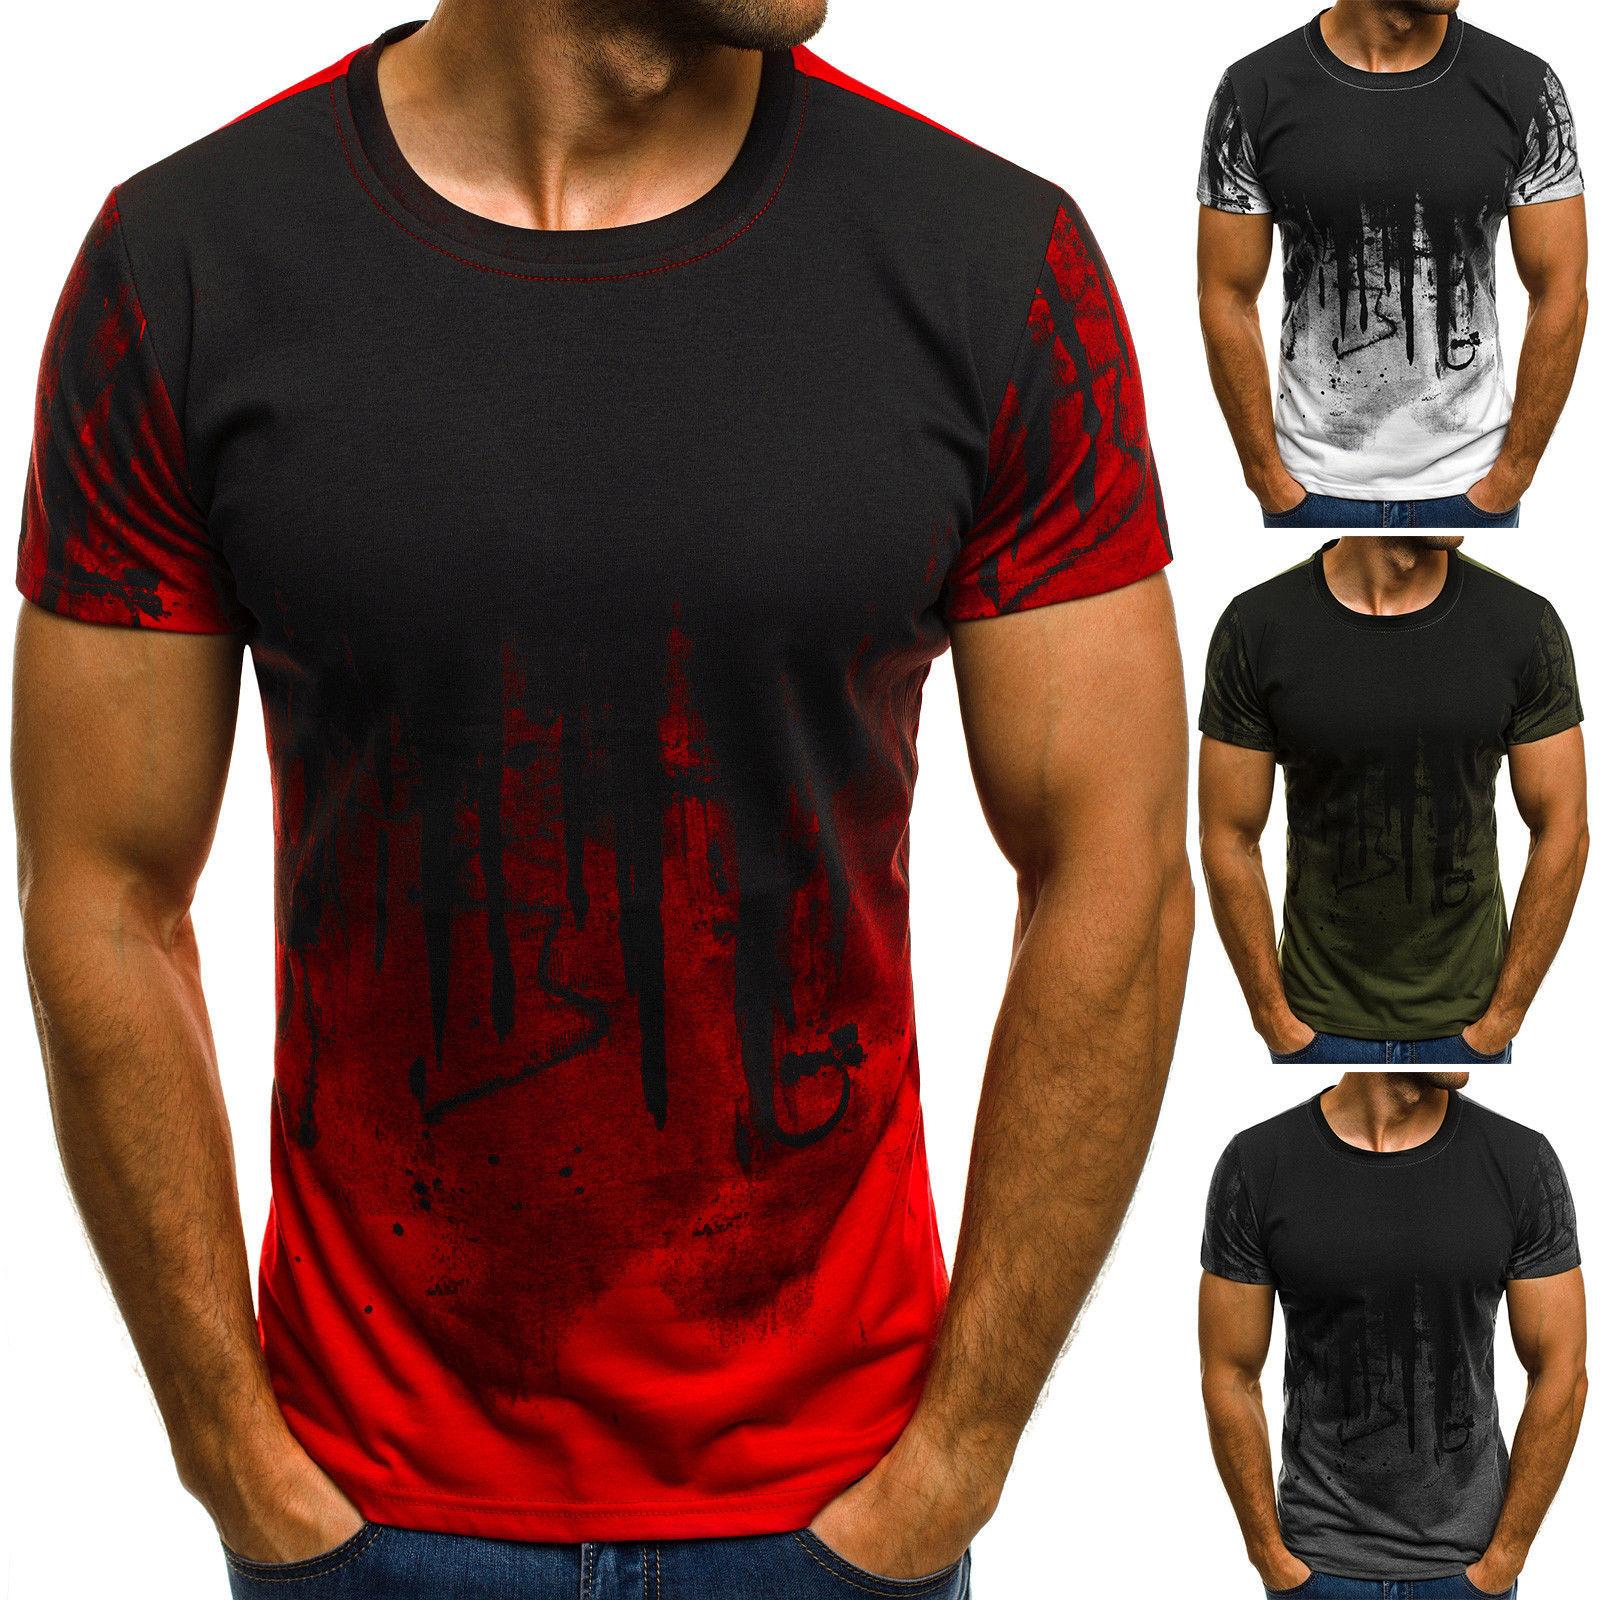 E-BAIHUI dos homens de fitness compressão camiseta casual algodão preto e vermelho gradiente alta qualidade magro camisa masculina moda camisetas cg002